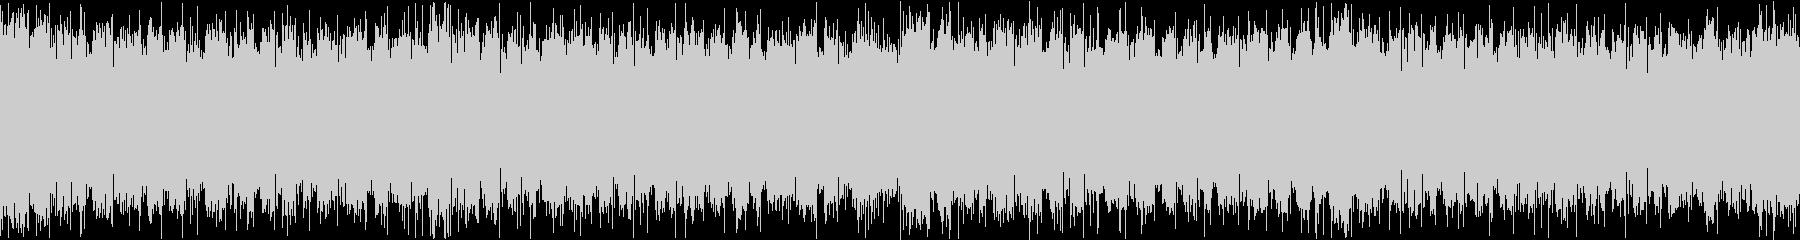 クールなFuture Bass(ループ)の未再生の波形